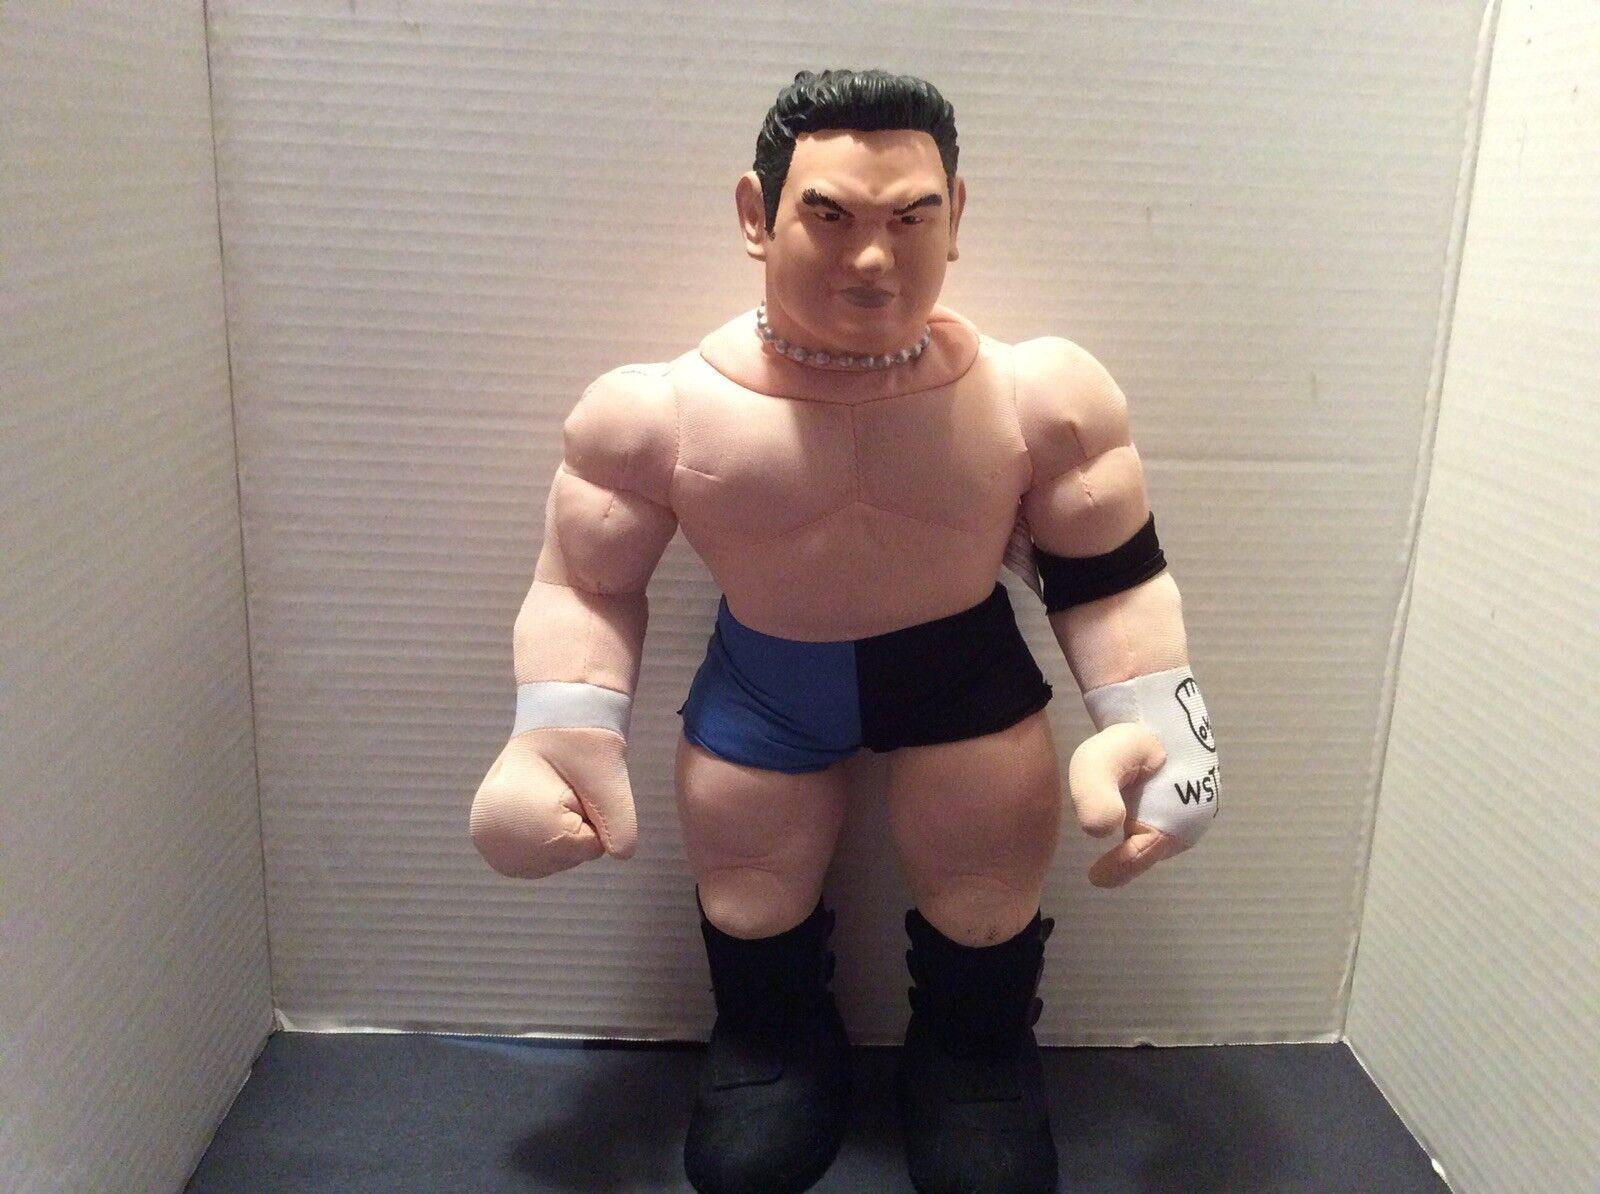 Toy Biz Bashin Brawlers Series I - Samoa Joe